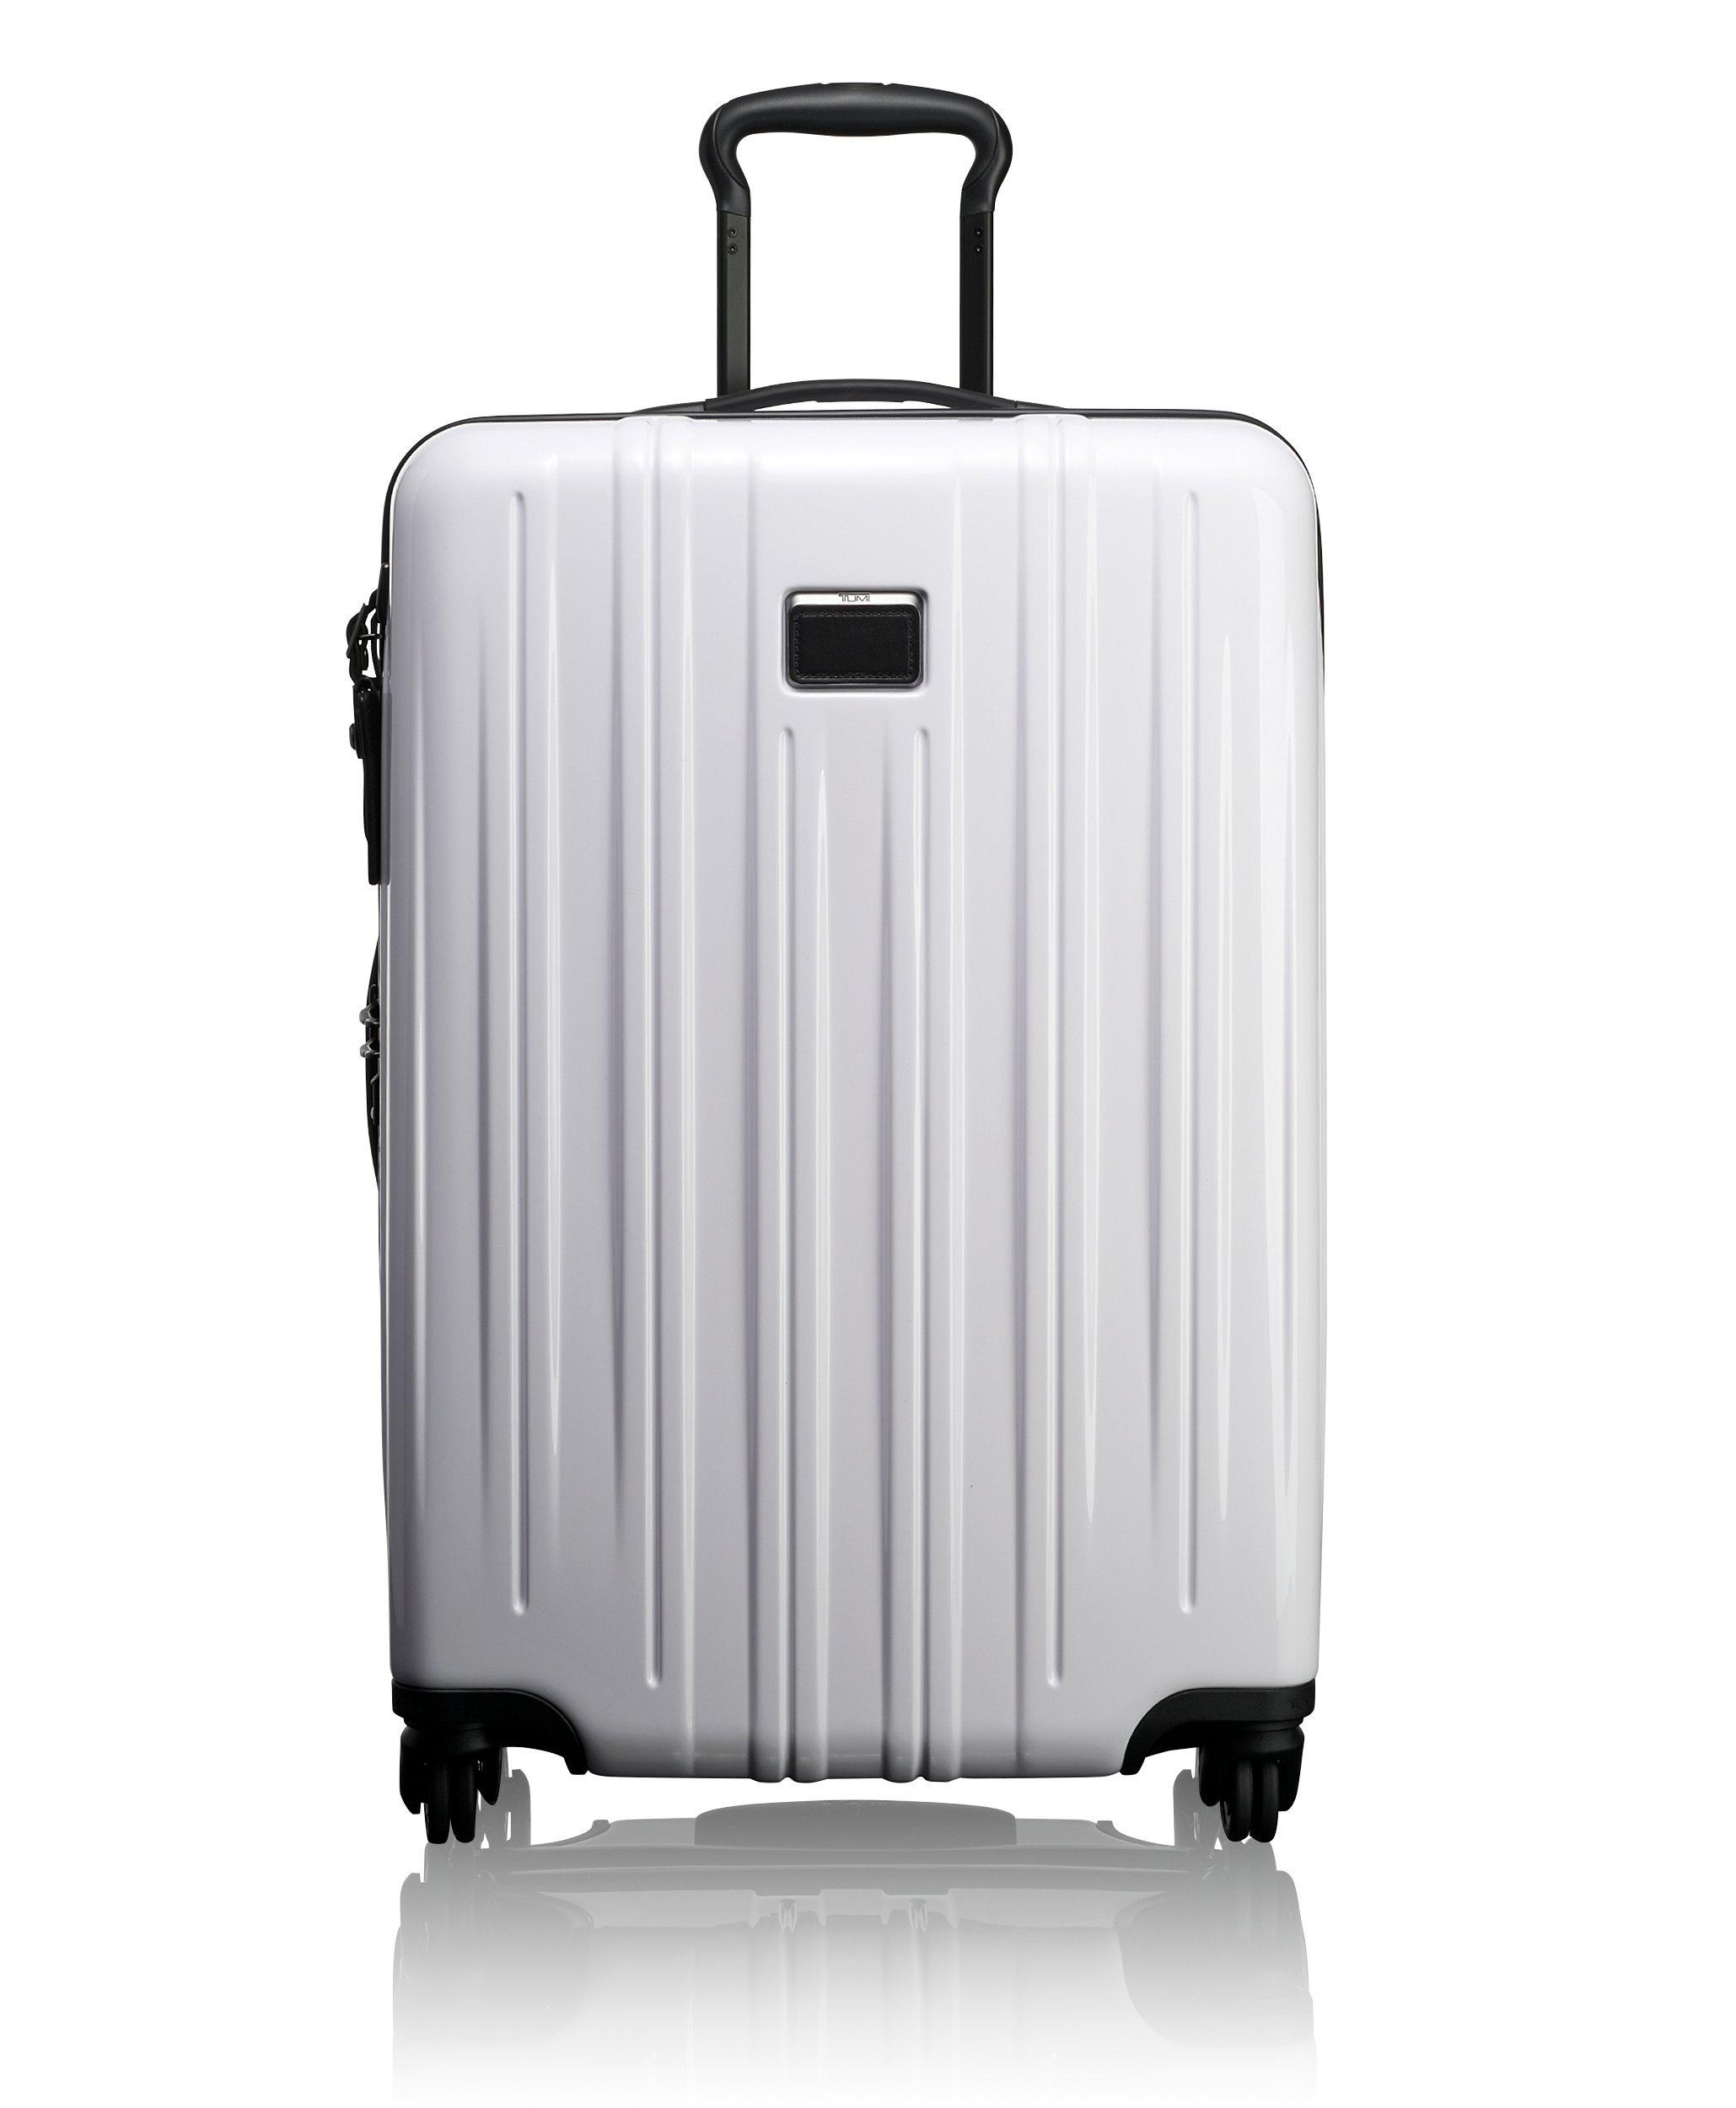 Tumi V3 Short Trip Expandable Packing Case, White